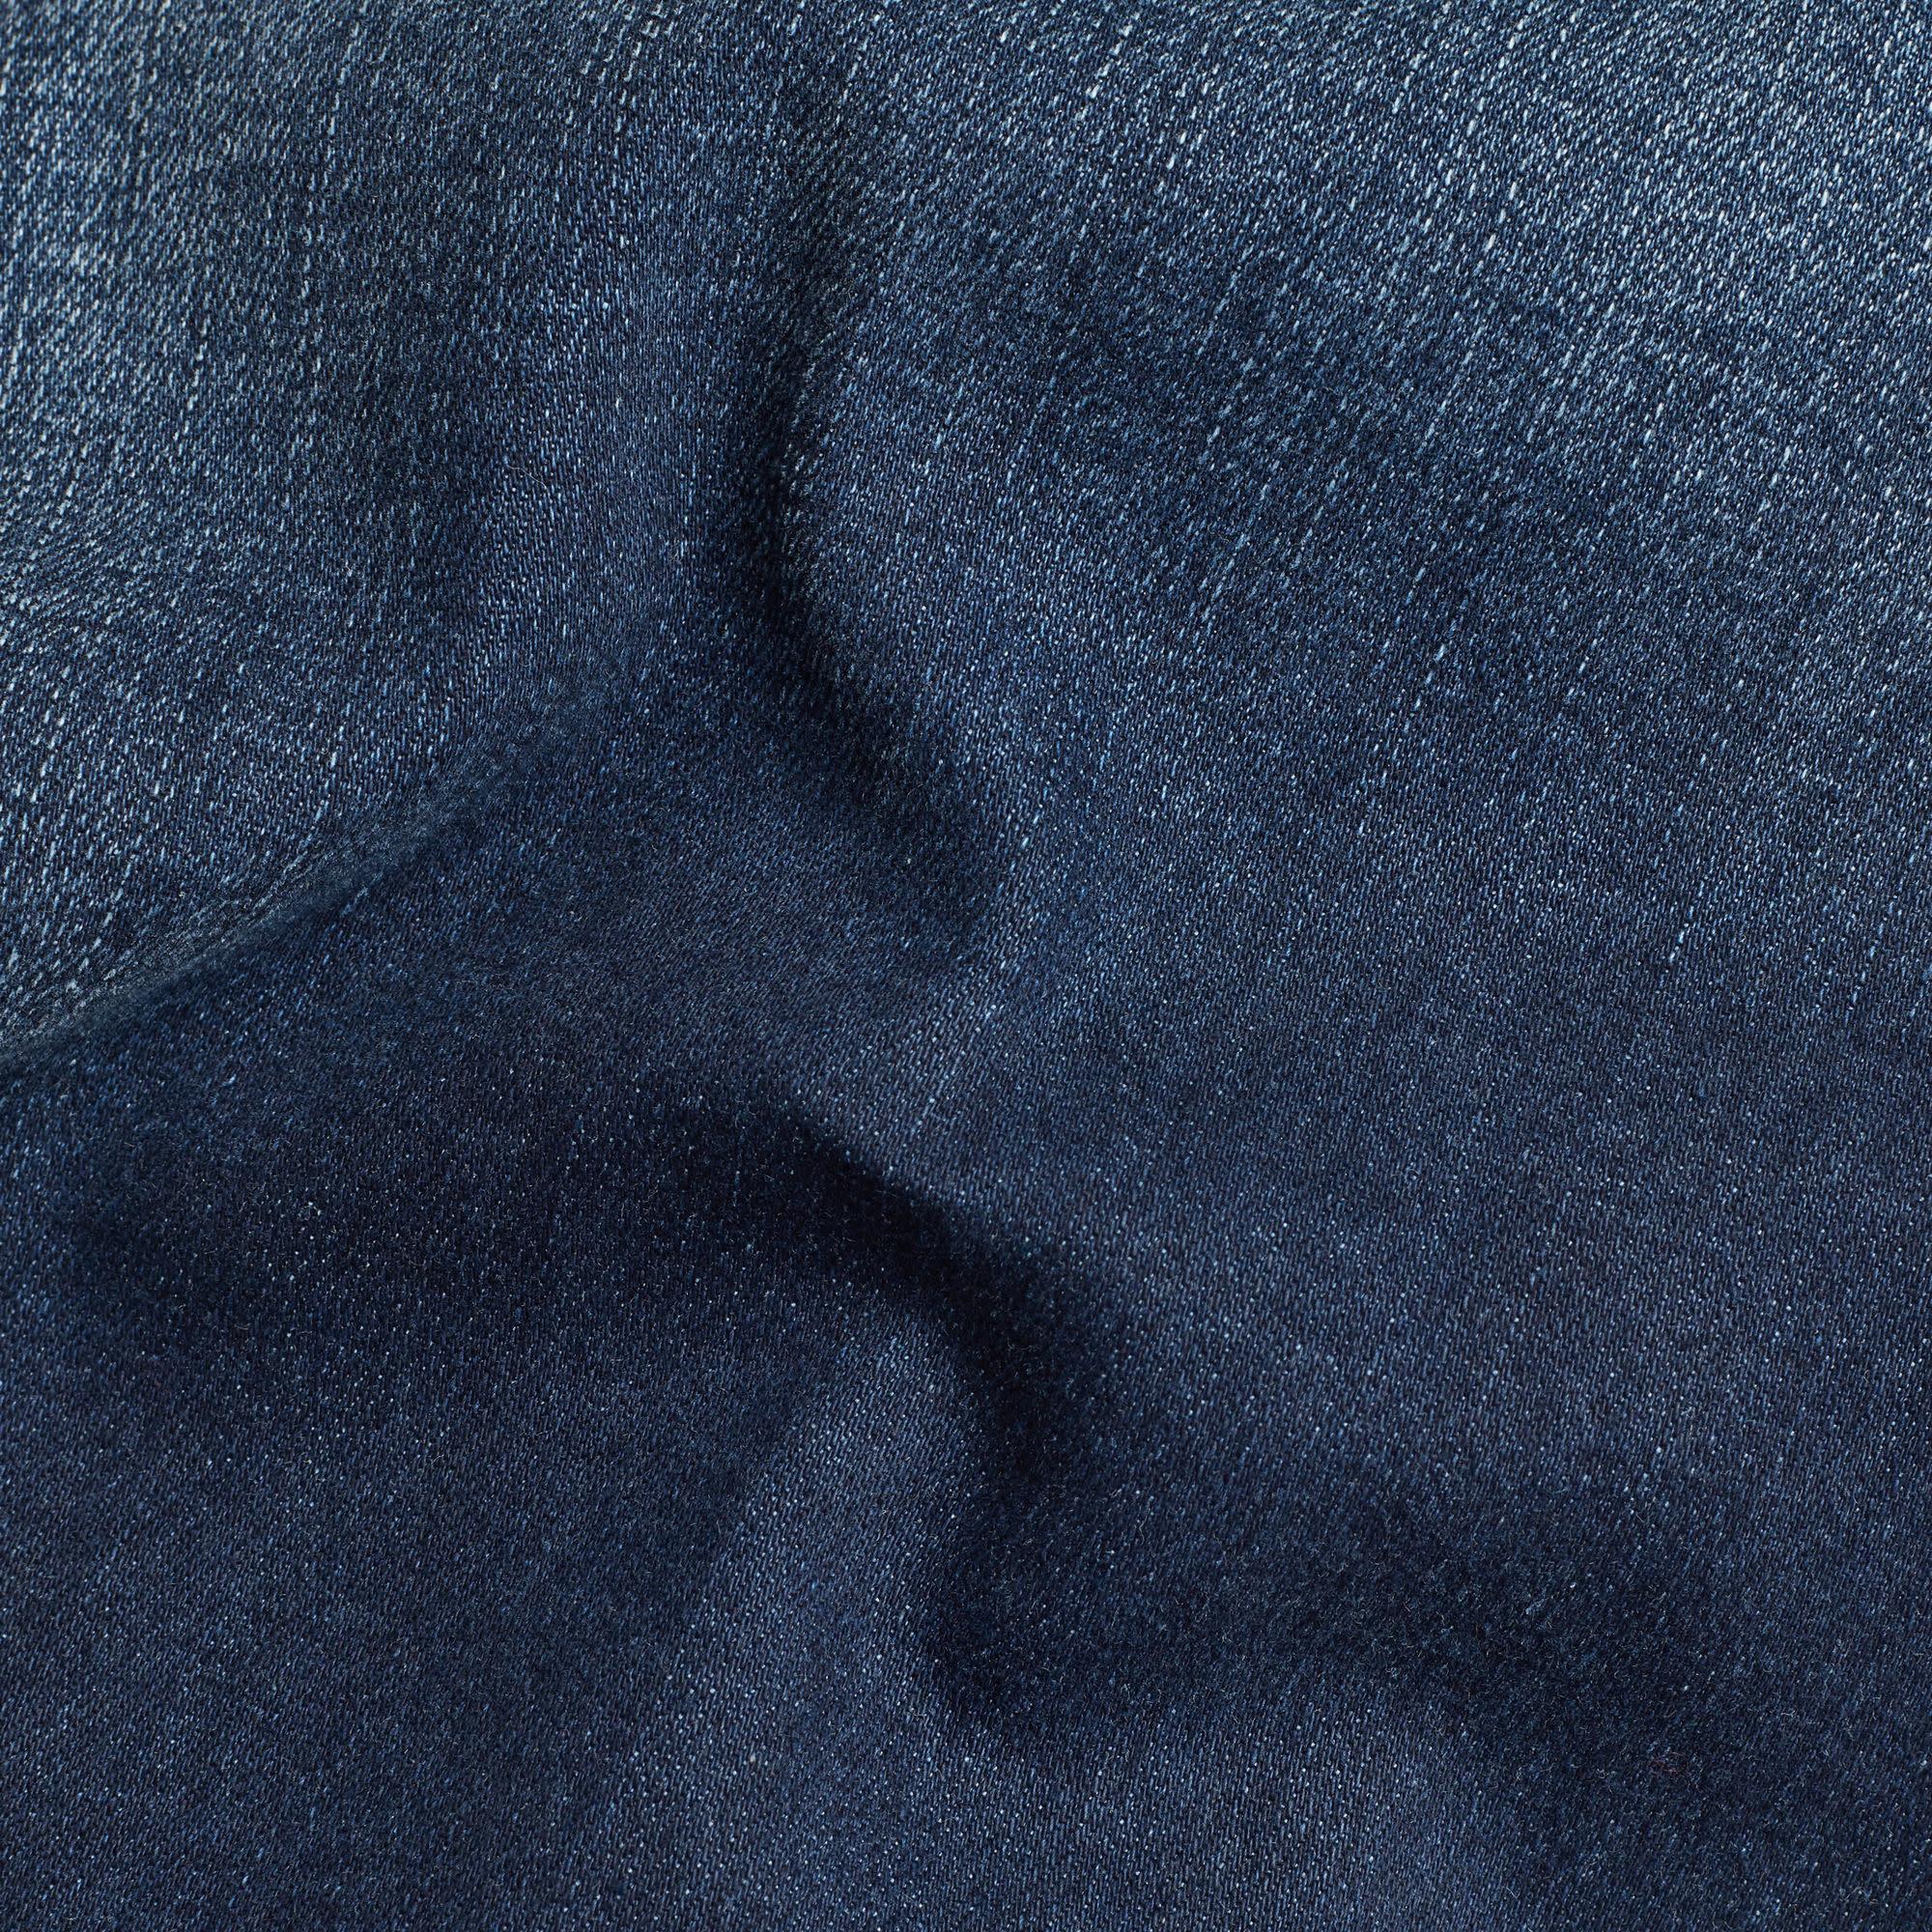 G-Star G-Star 3301 51001 Slim Fit  C296-B843 Worn In Dusk Blue